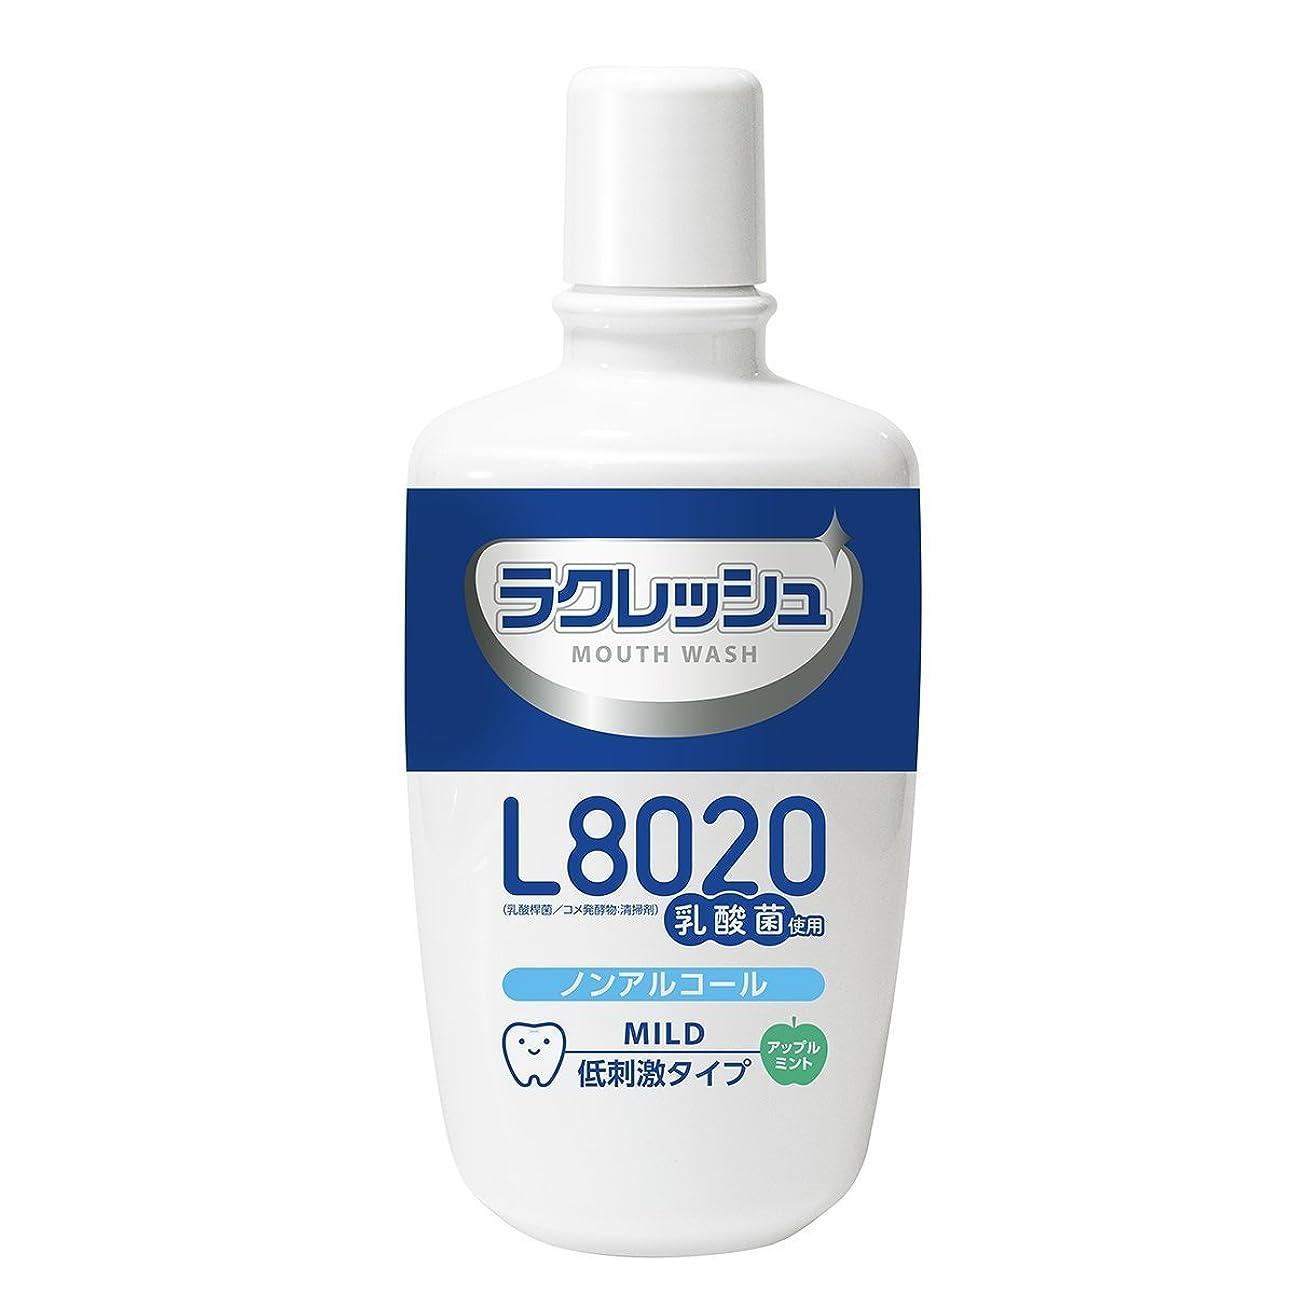 編集者植木火山のラクレッシュ L8020菌 マウスウォッシュ 3本セット (マイルド)